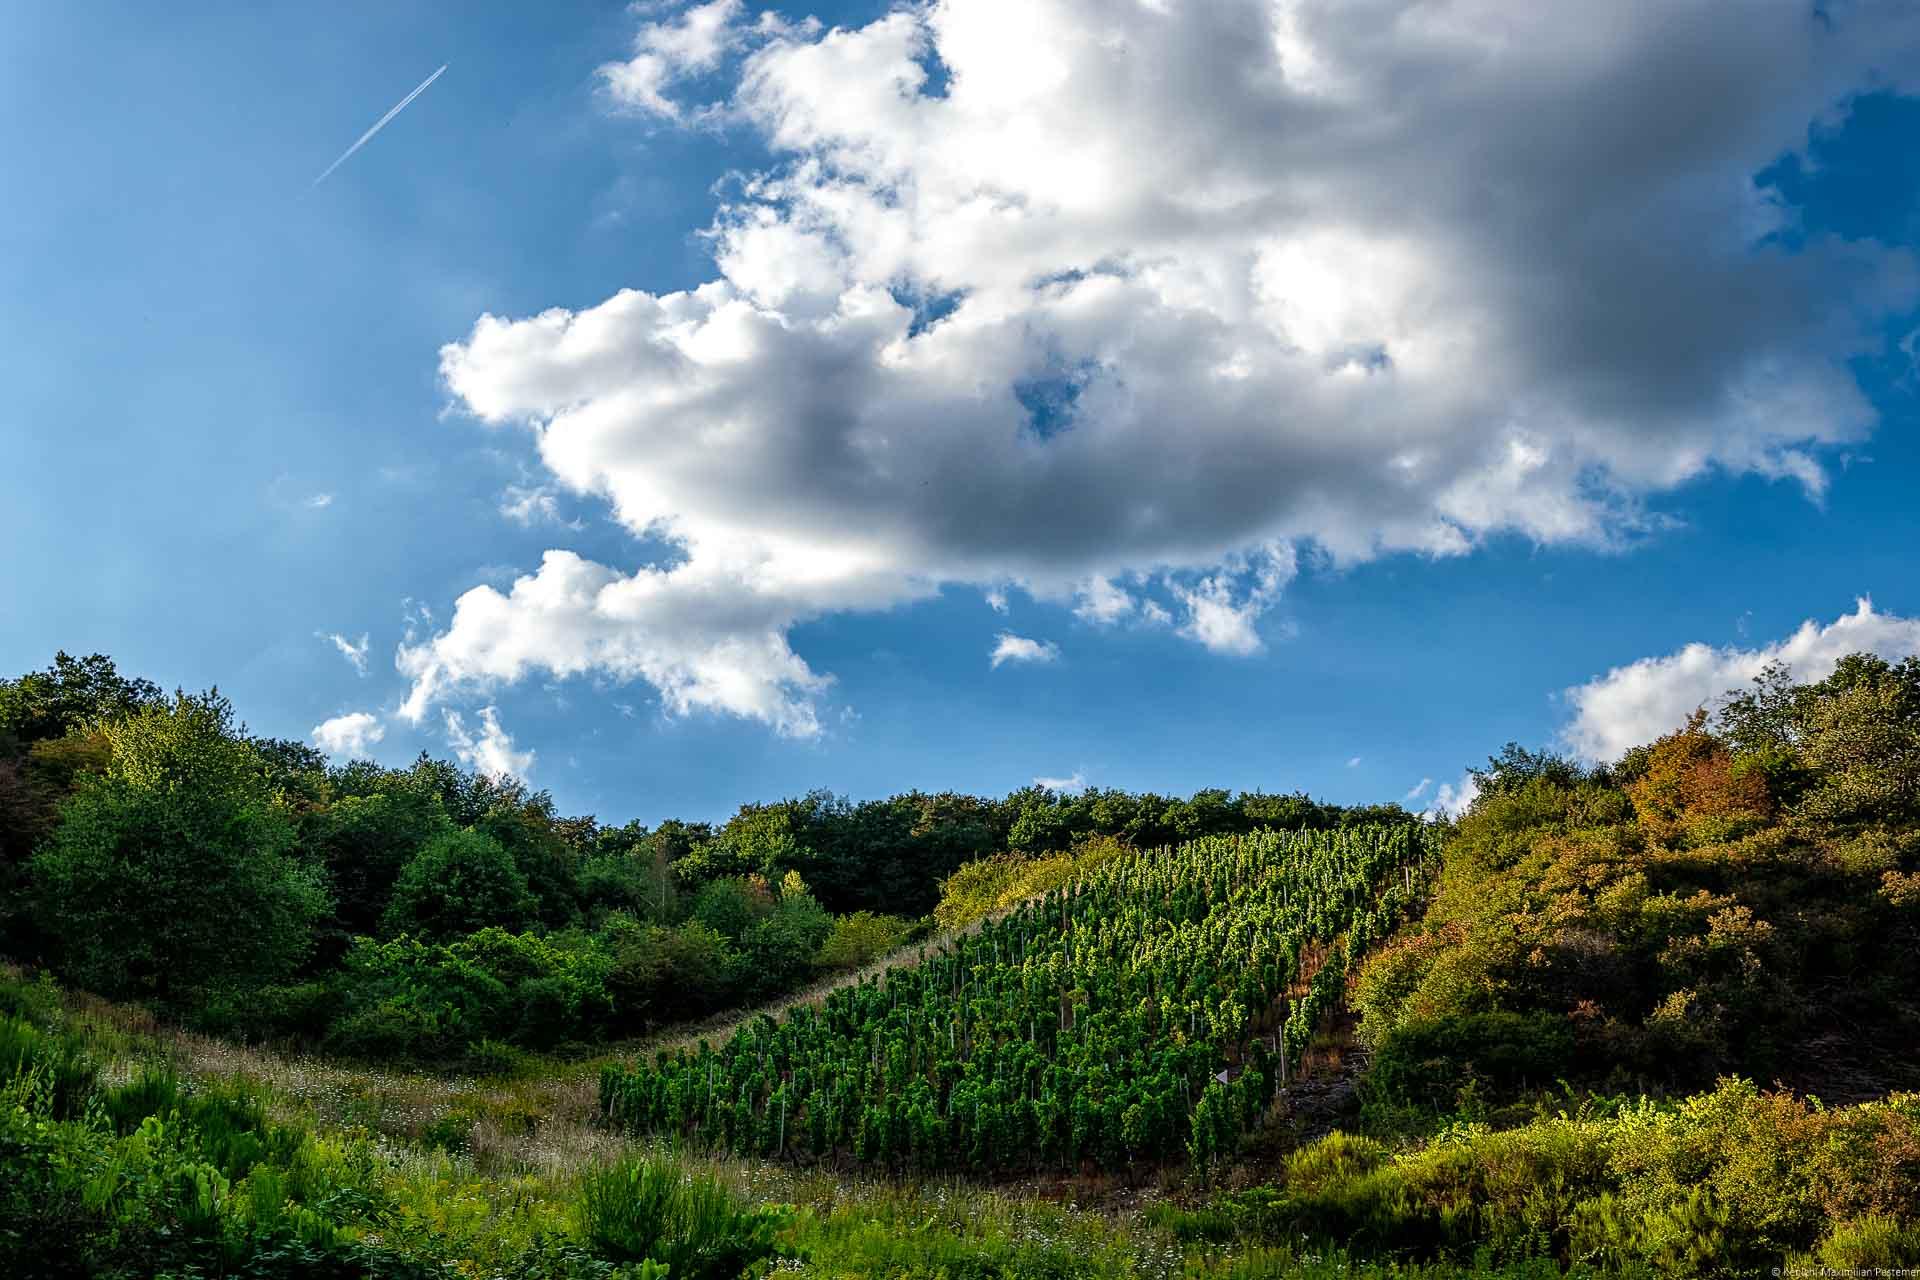 Der Weinberg Wiltinger Schlangengraben mit, Parzelle aus alten Reben von 1920 ist umgeben von Wald und Wiesen. Ein Wolke ist am blauen Himmel.